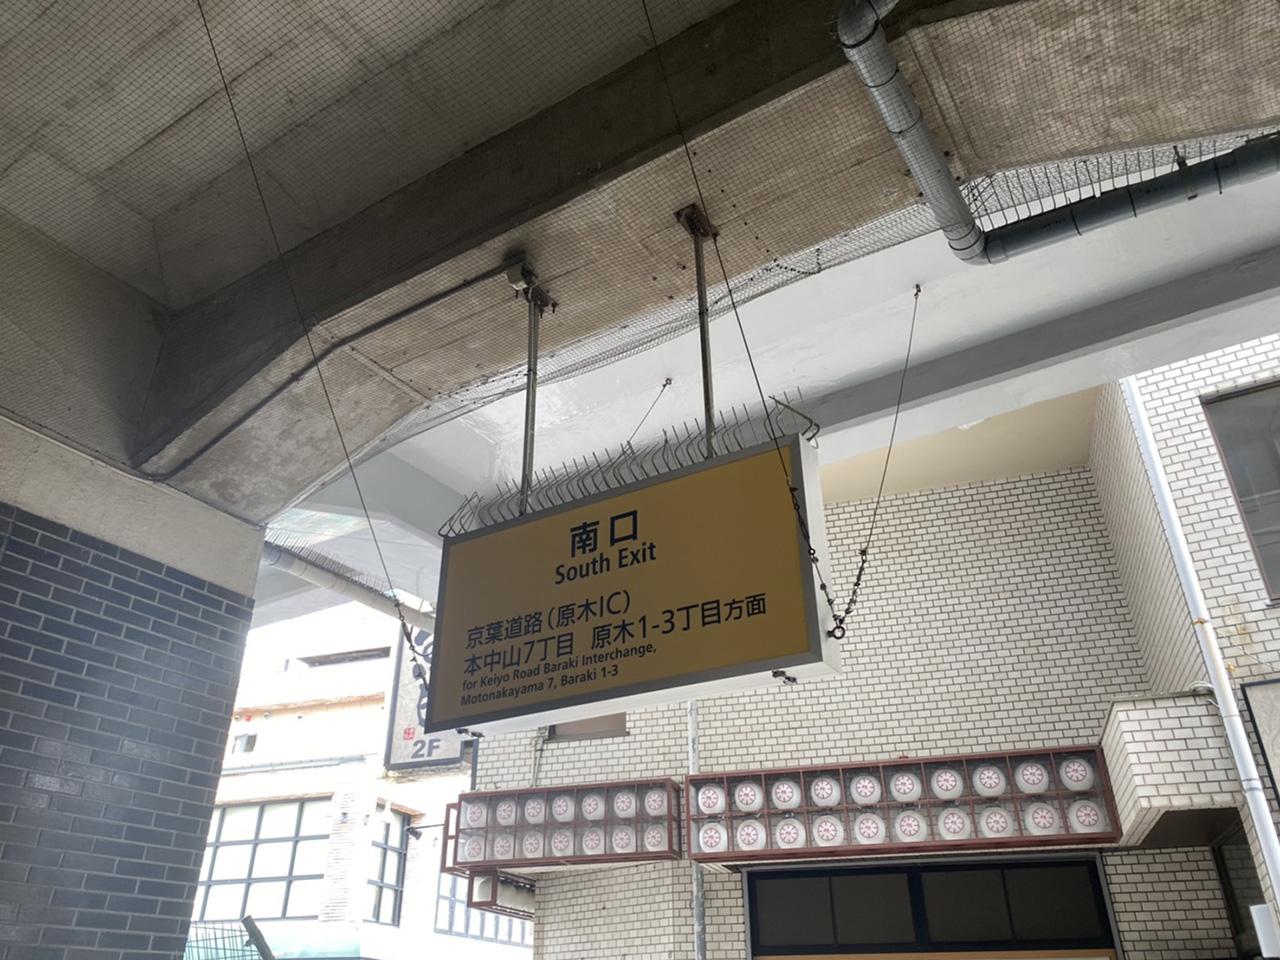 原木中山駅の南口看板の写真